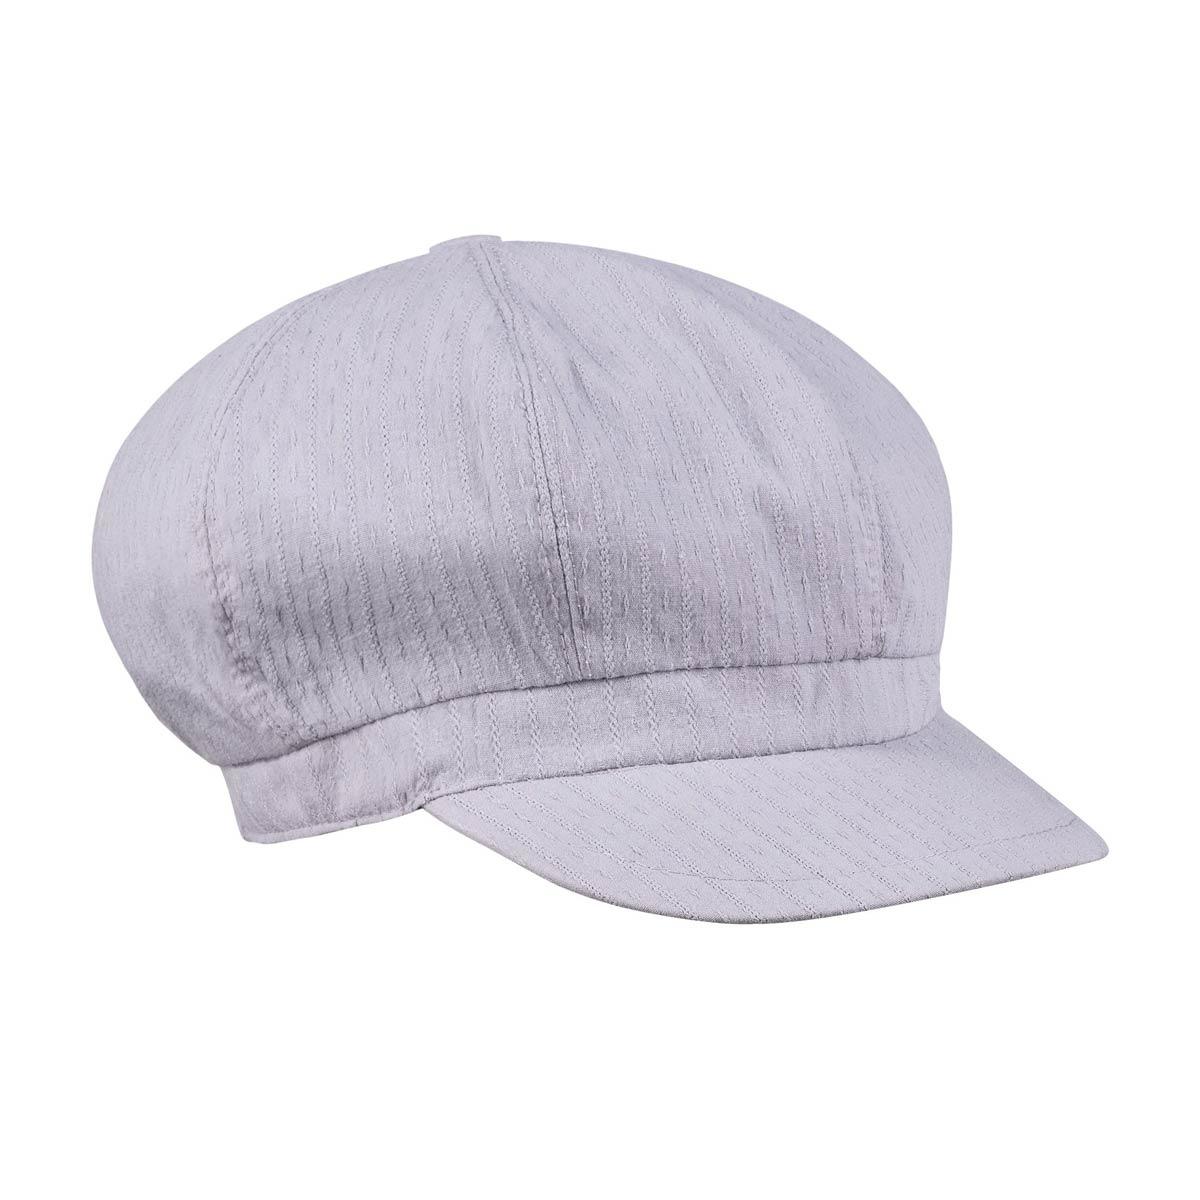 CP-01631_F12-1--_casquette-femme-gavroche-grise